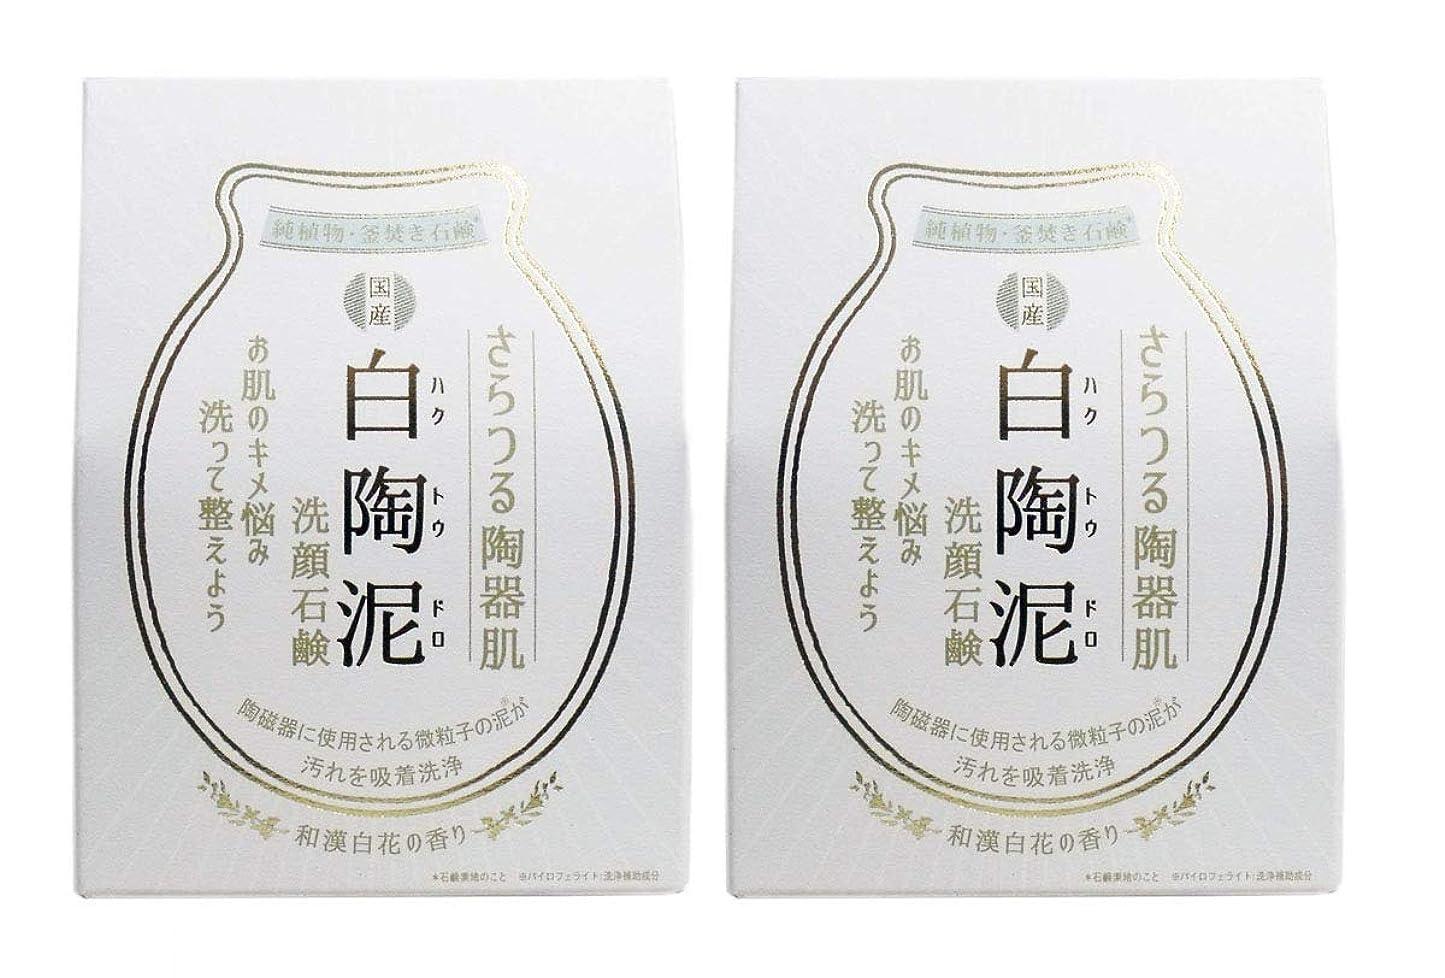 水っぽい用心不従順ペリカン石鹸 白陶泥洗顔石鹸 100g×2個セット